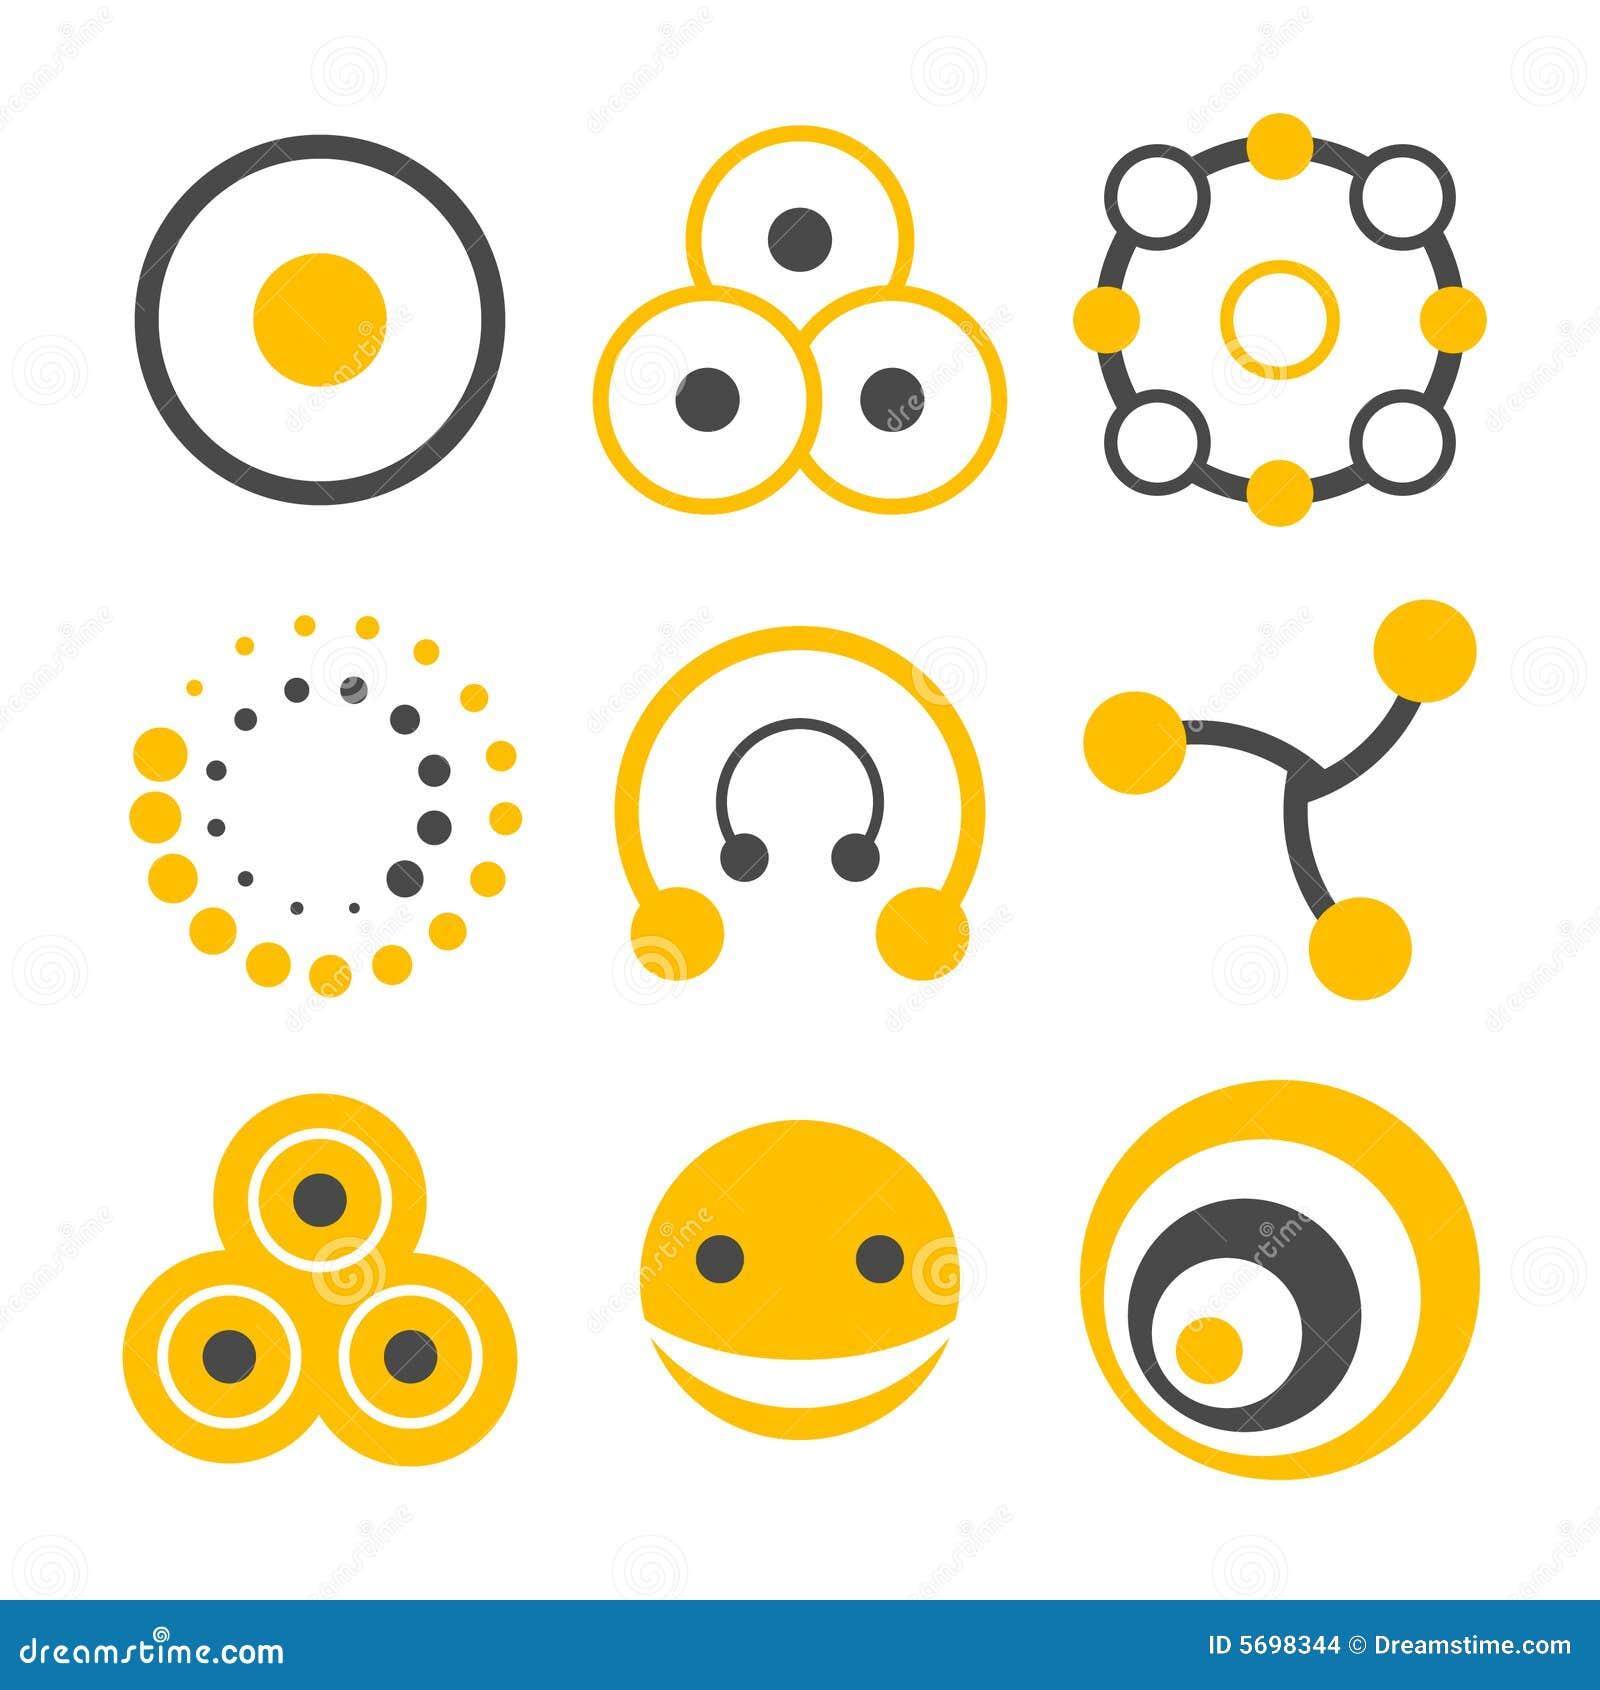 Circle logo elements